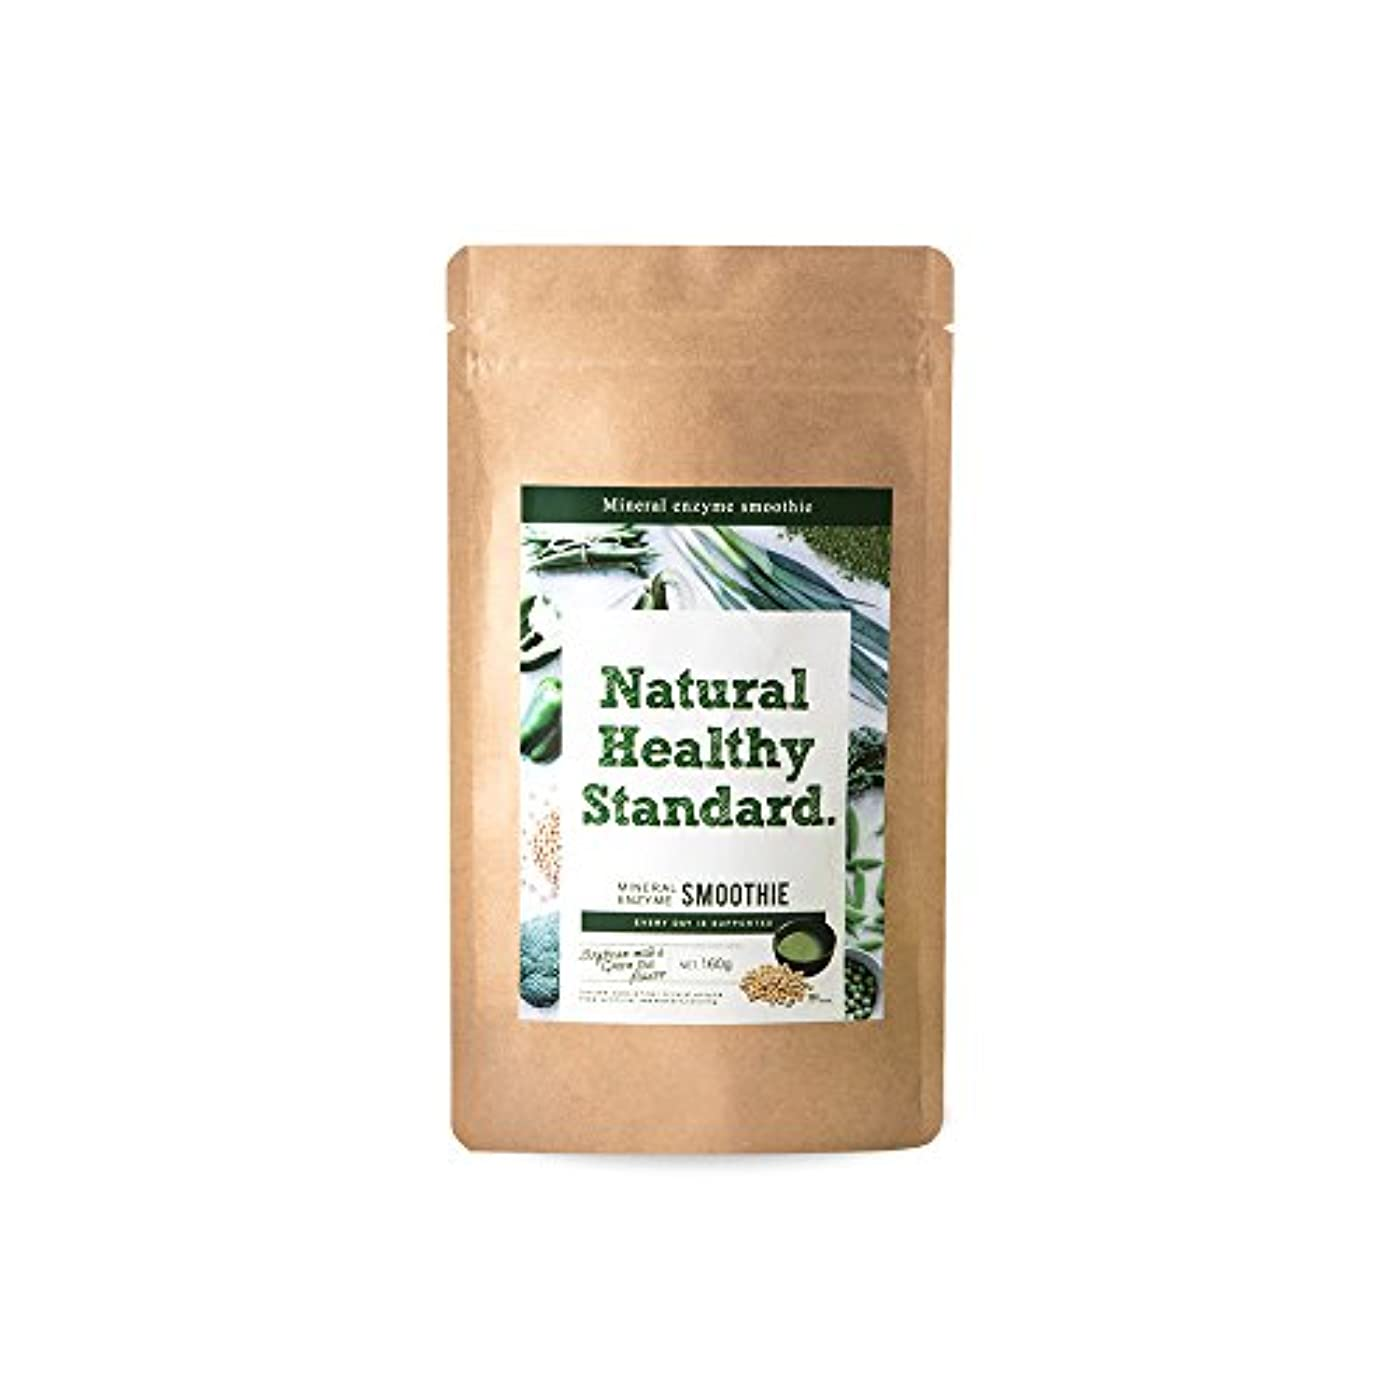 雷雨慢性能NaturalHealthyStandard(ナチュラルヘルシースタンダード) ミネラル酵素グリーンスムージー 豆乳抹茶味 160g